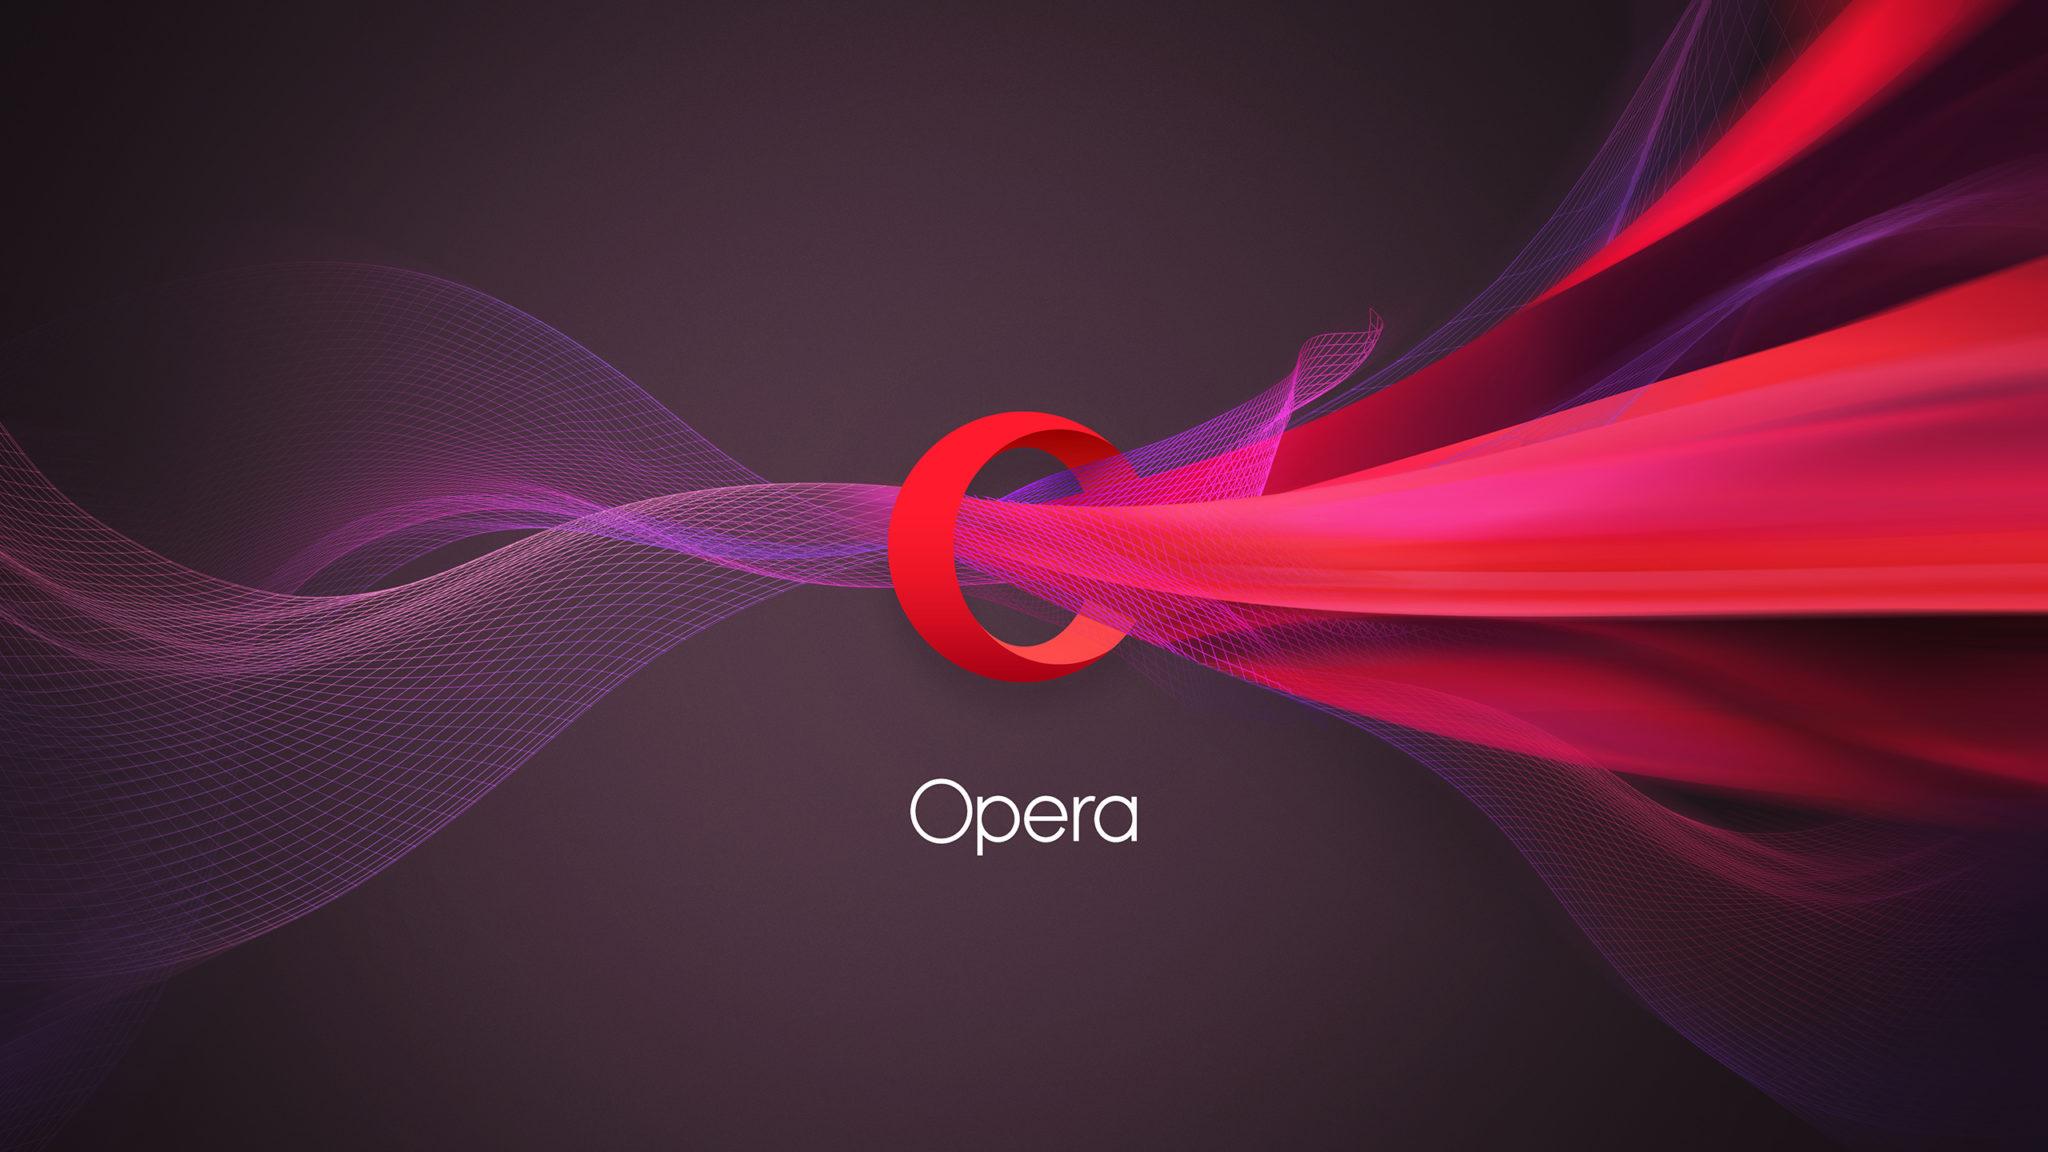 Oyuncular için Tasarlanmış Bir Tarayıcı: Opera GX